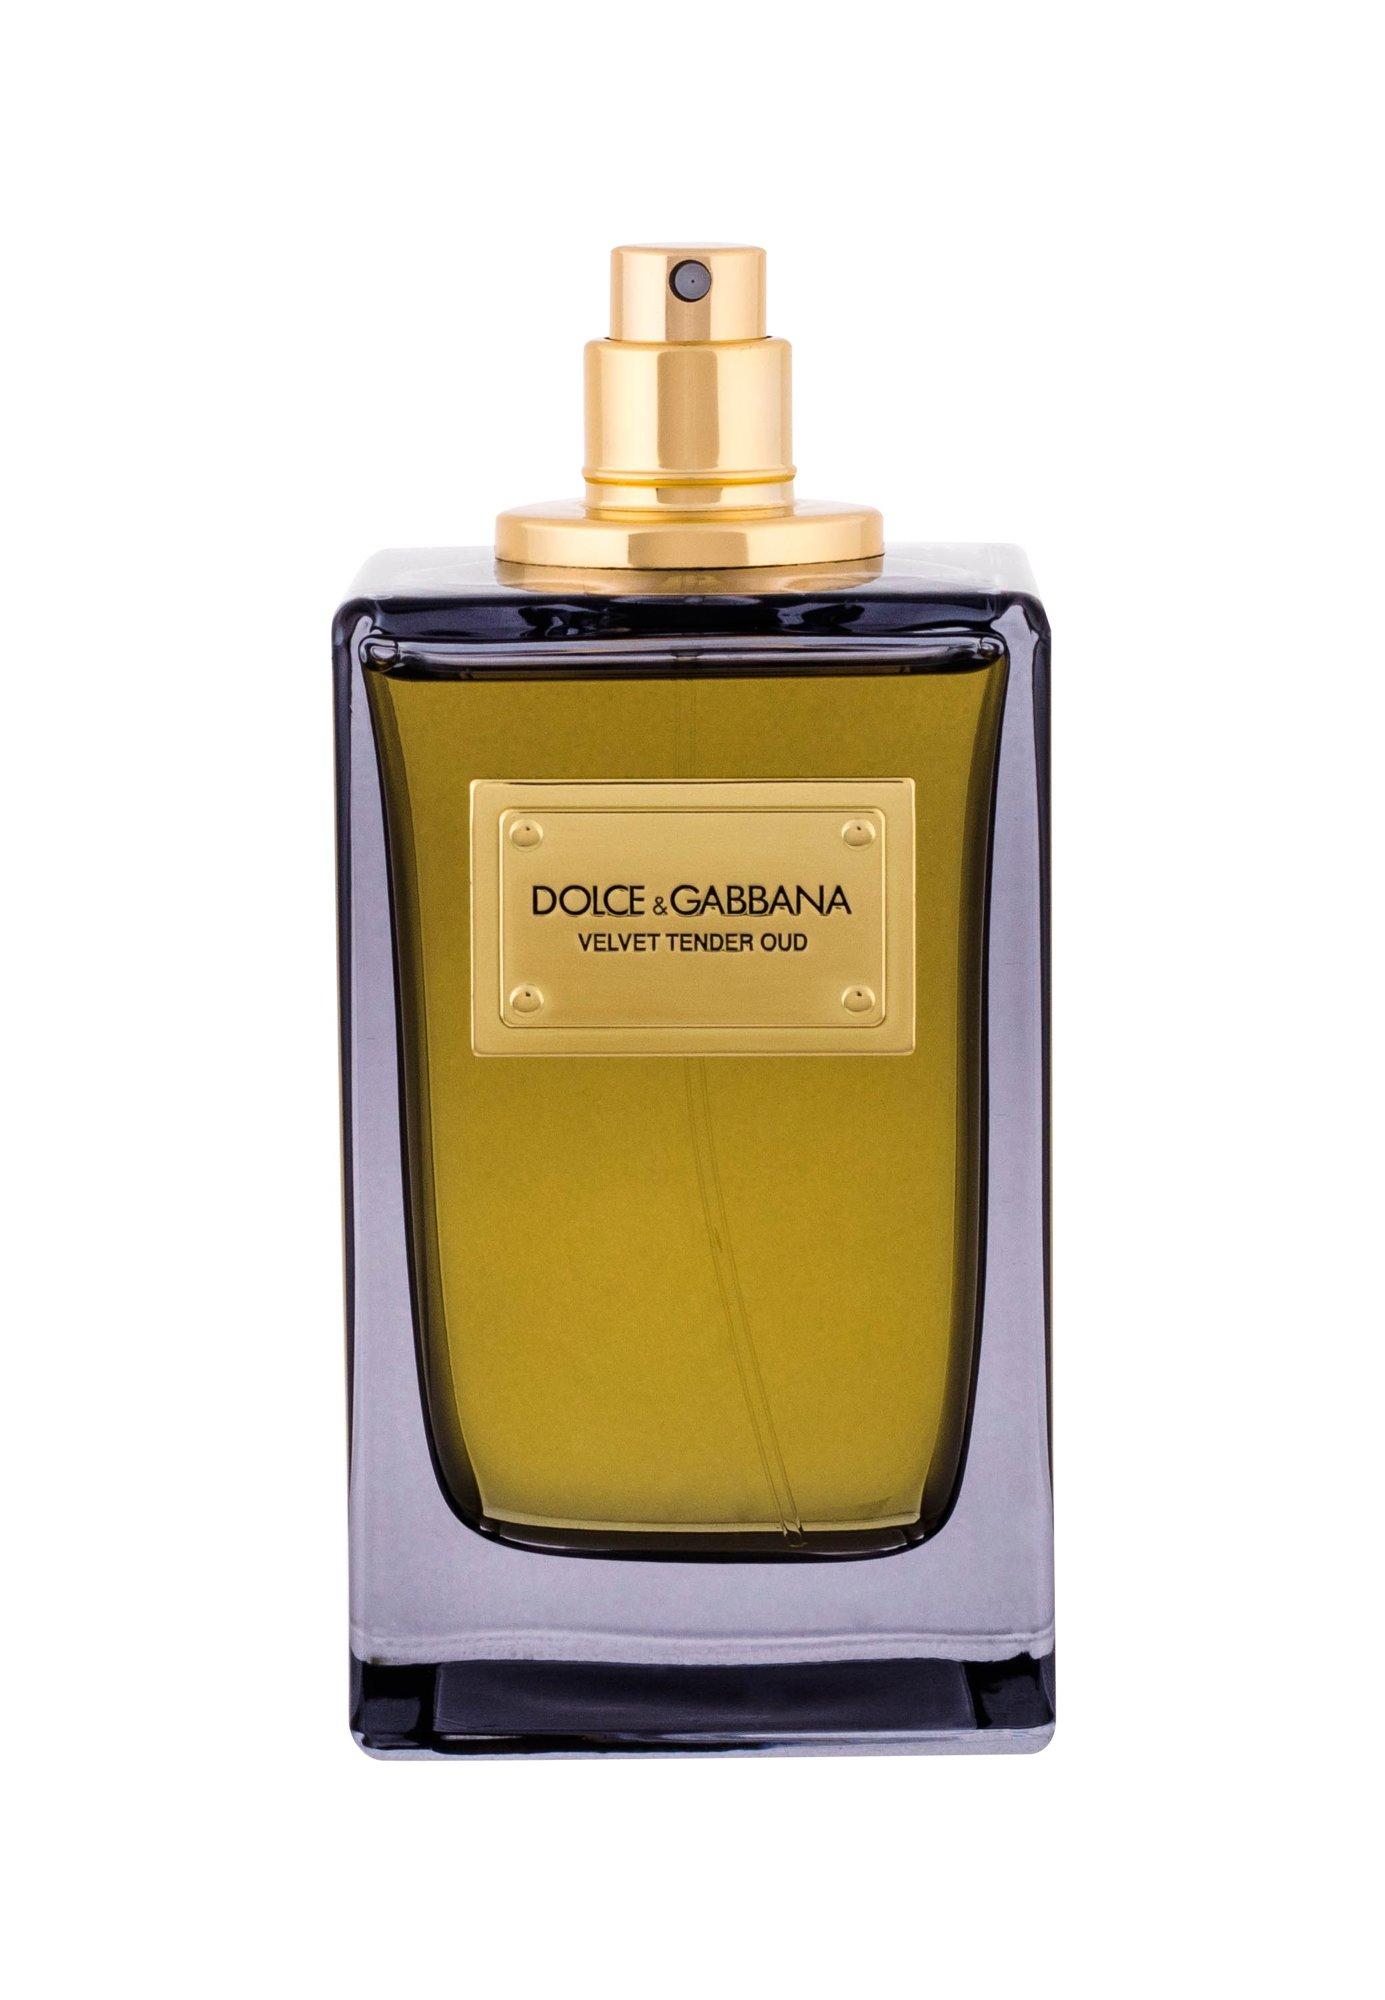 Dolce&Gabbana Velvet Tender Oud, Parfumovaná voda 50ml, Tester